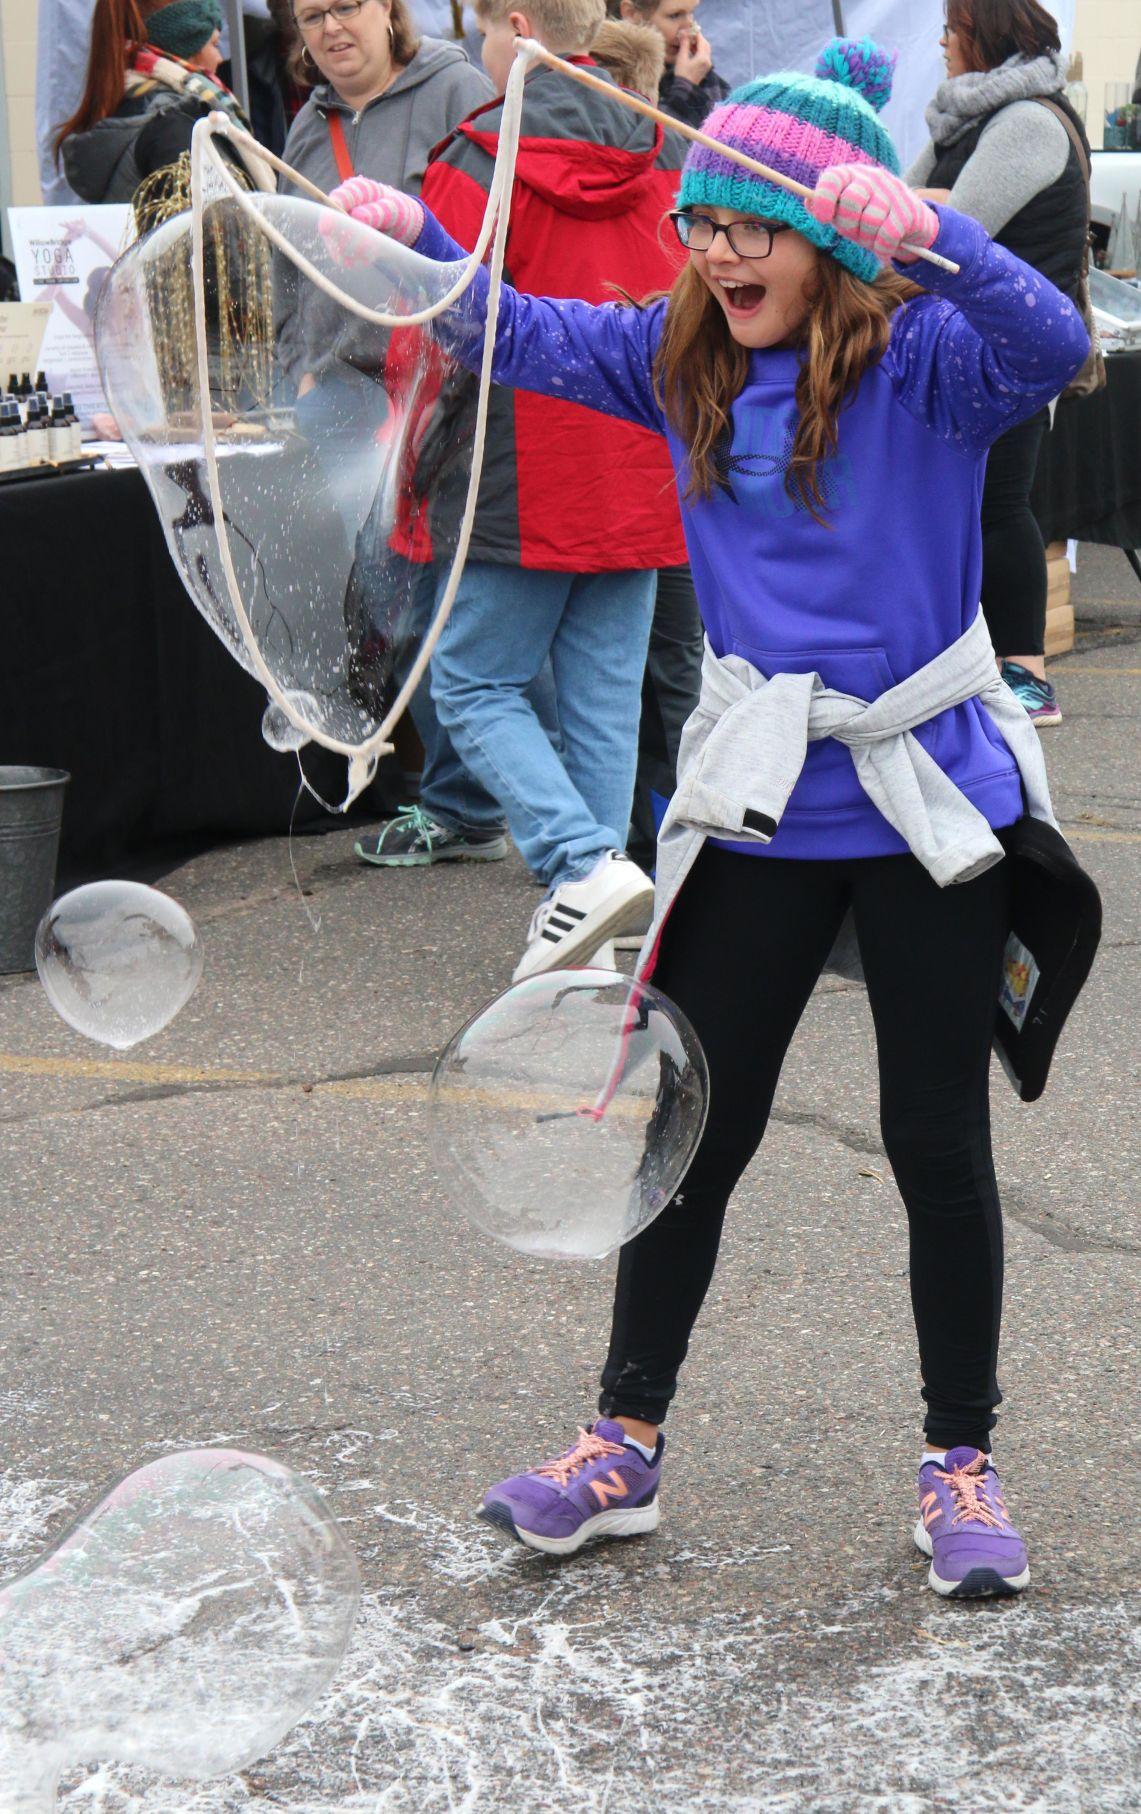 Area fall festivals a success despite winter's chill